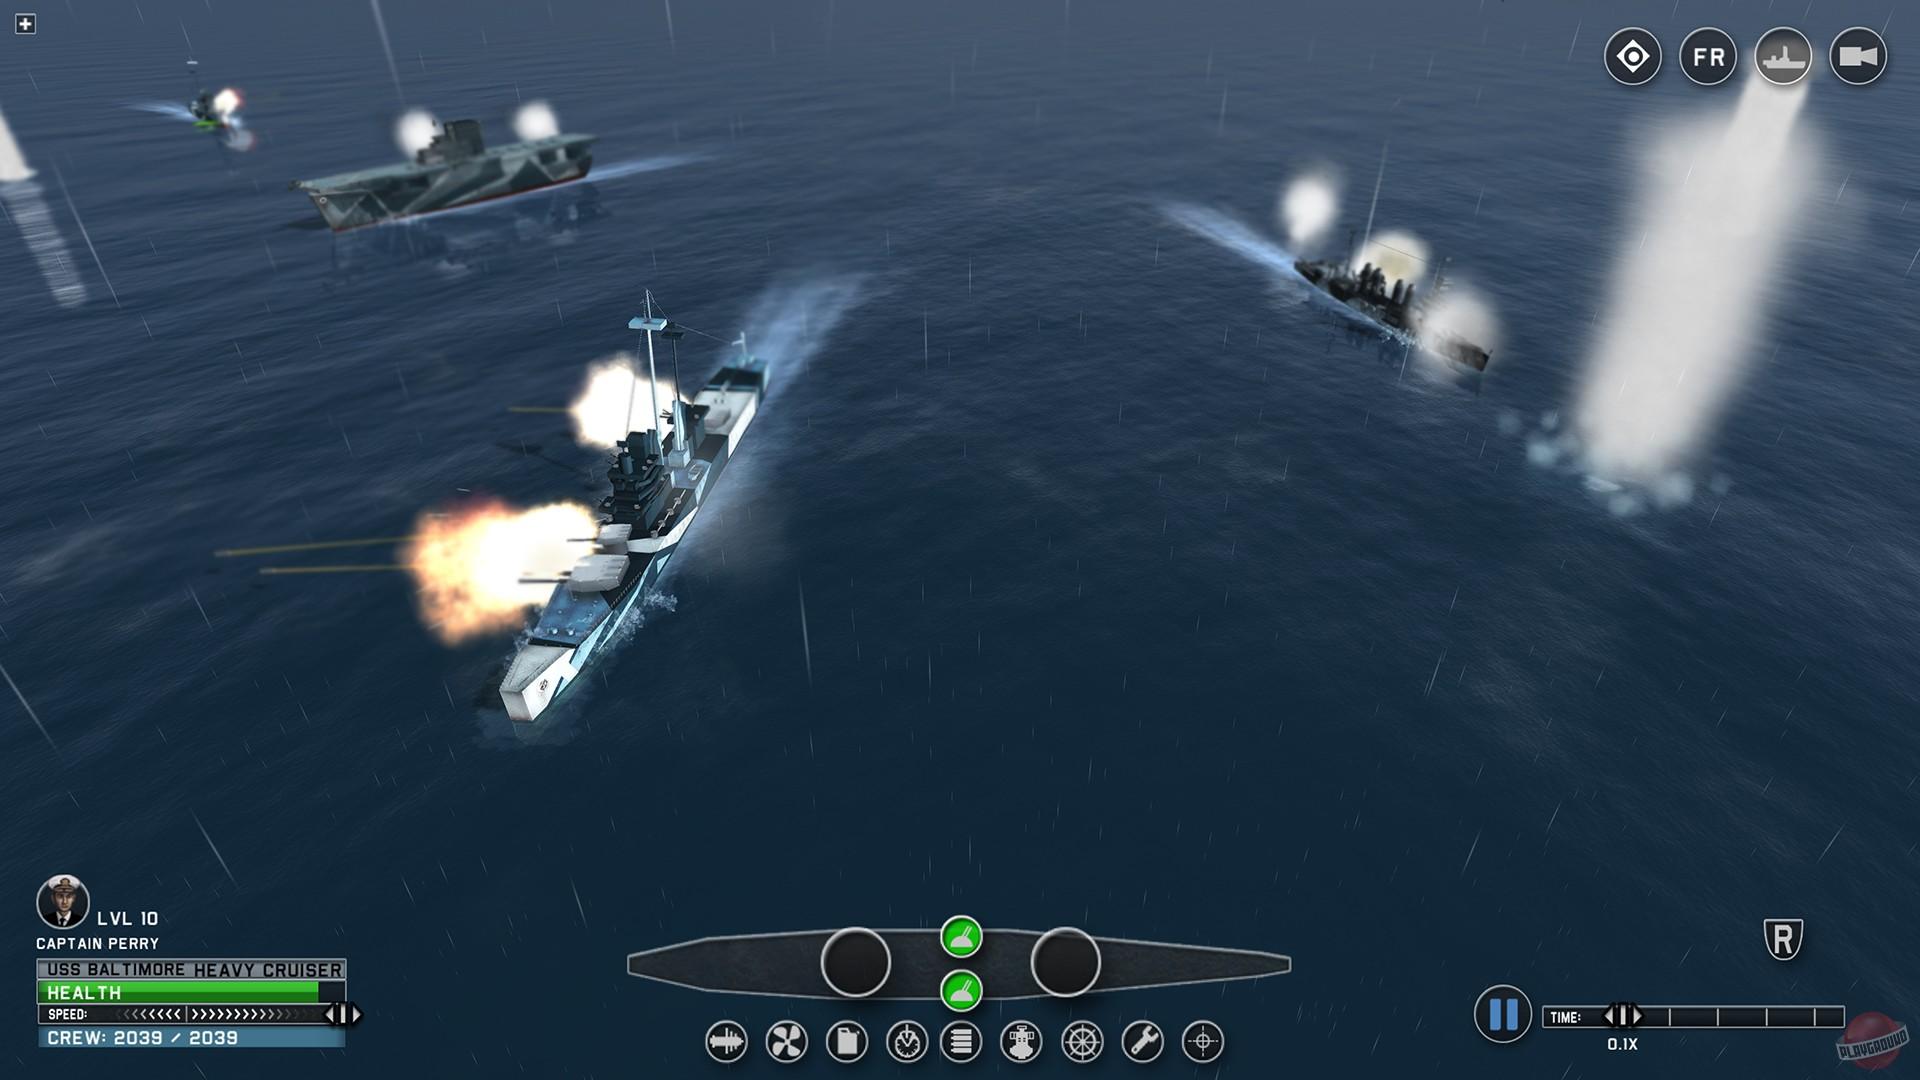 Симуляторы кораблей скачать бесплатно через торрент